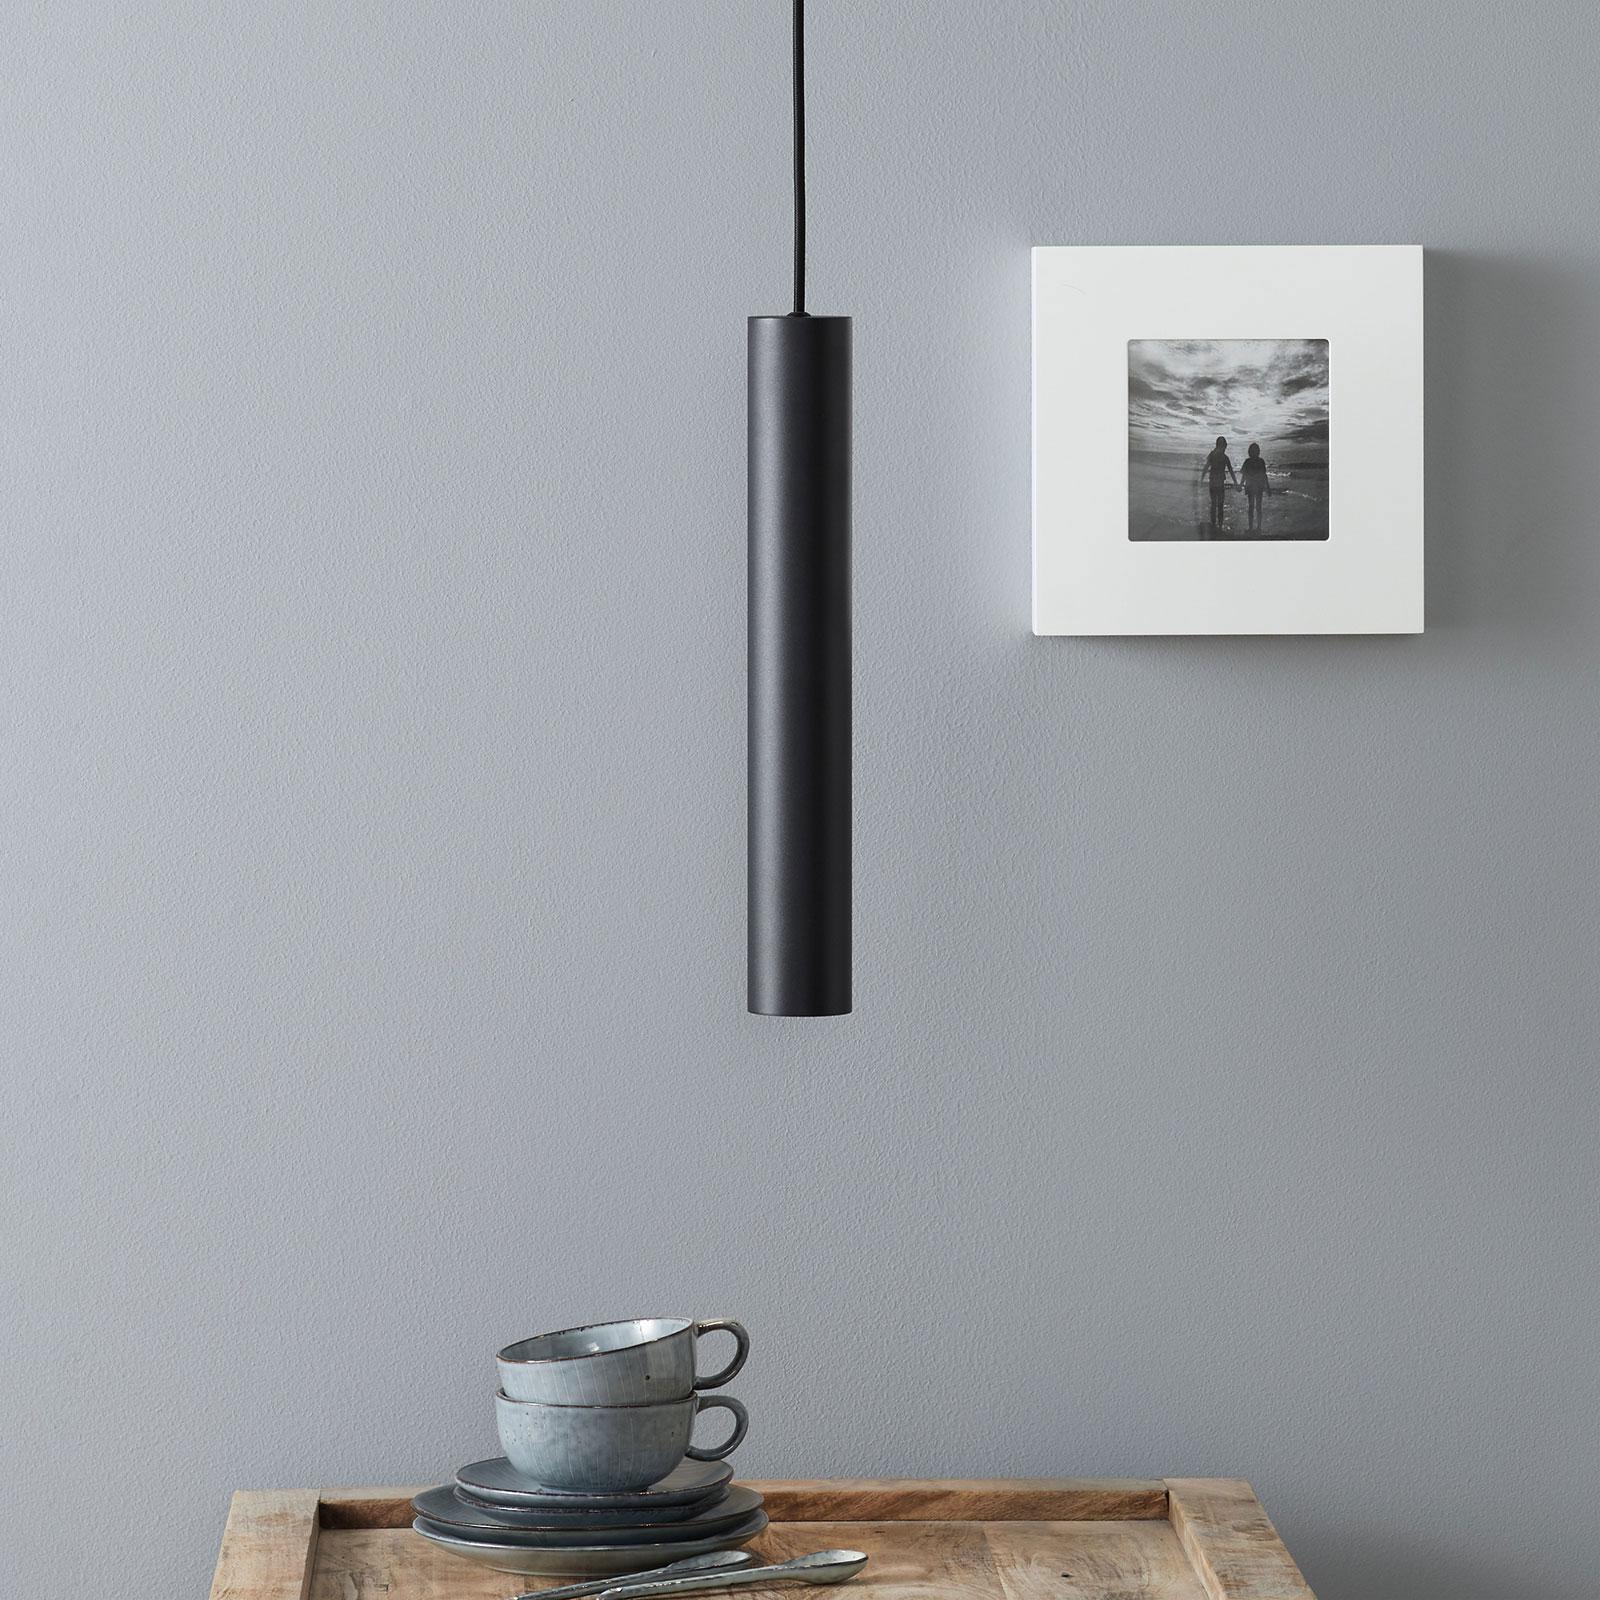 Produktové foto Ideallux Look, závěsné, černé, podlouhlý tvar